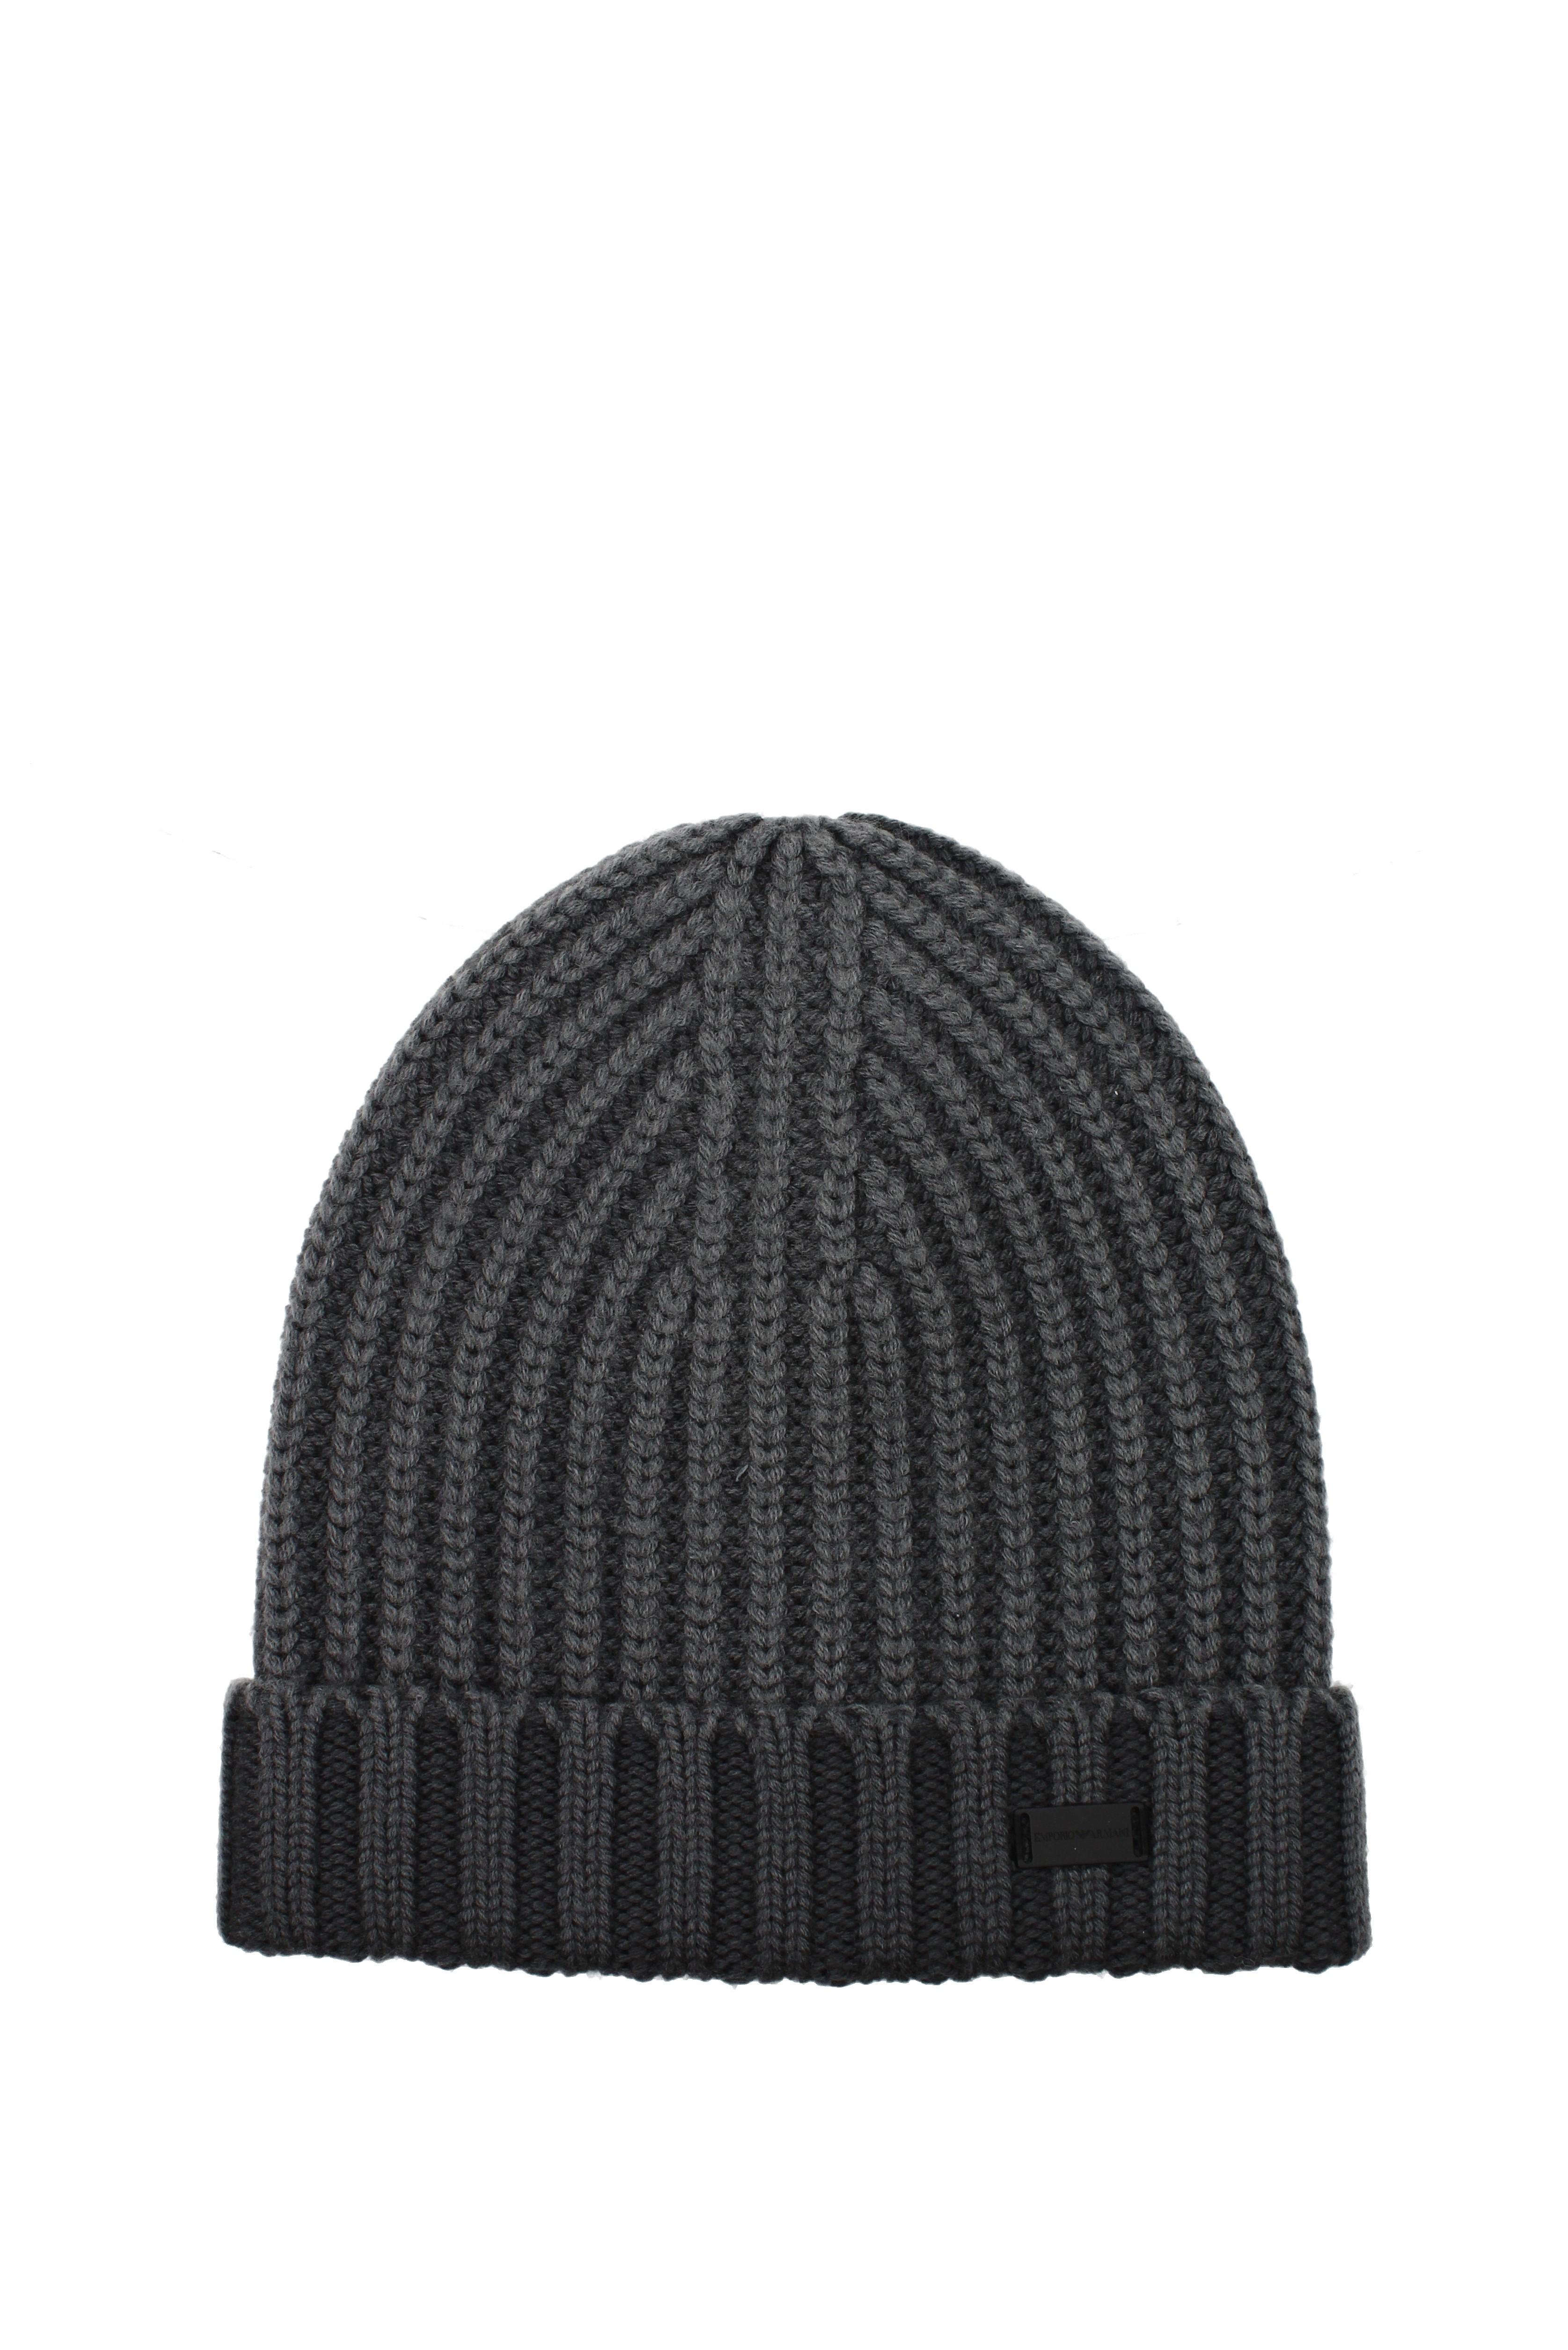 59e02cb158f5 Mützen   Hüte Armani Emporio Herren - Schurwolle (6278147A500)   eBay